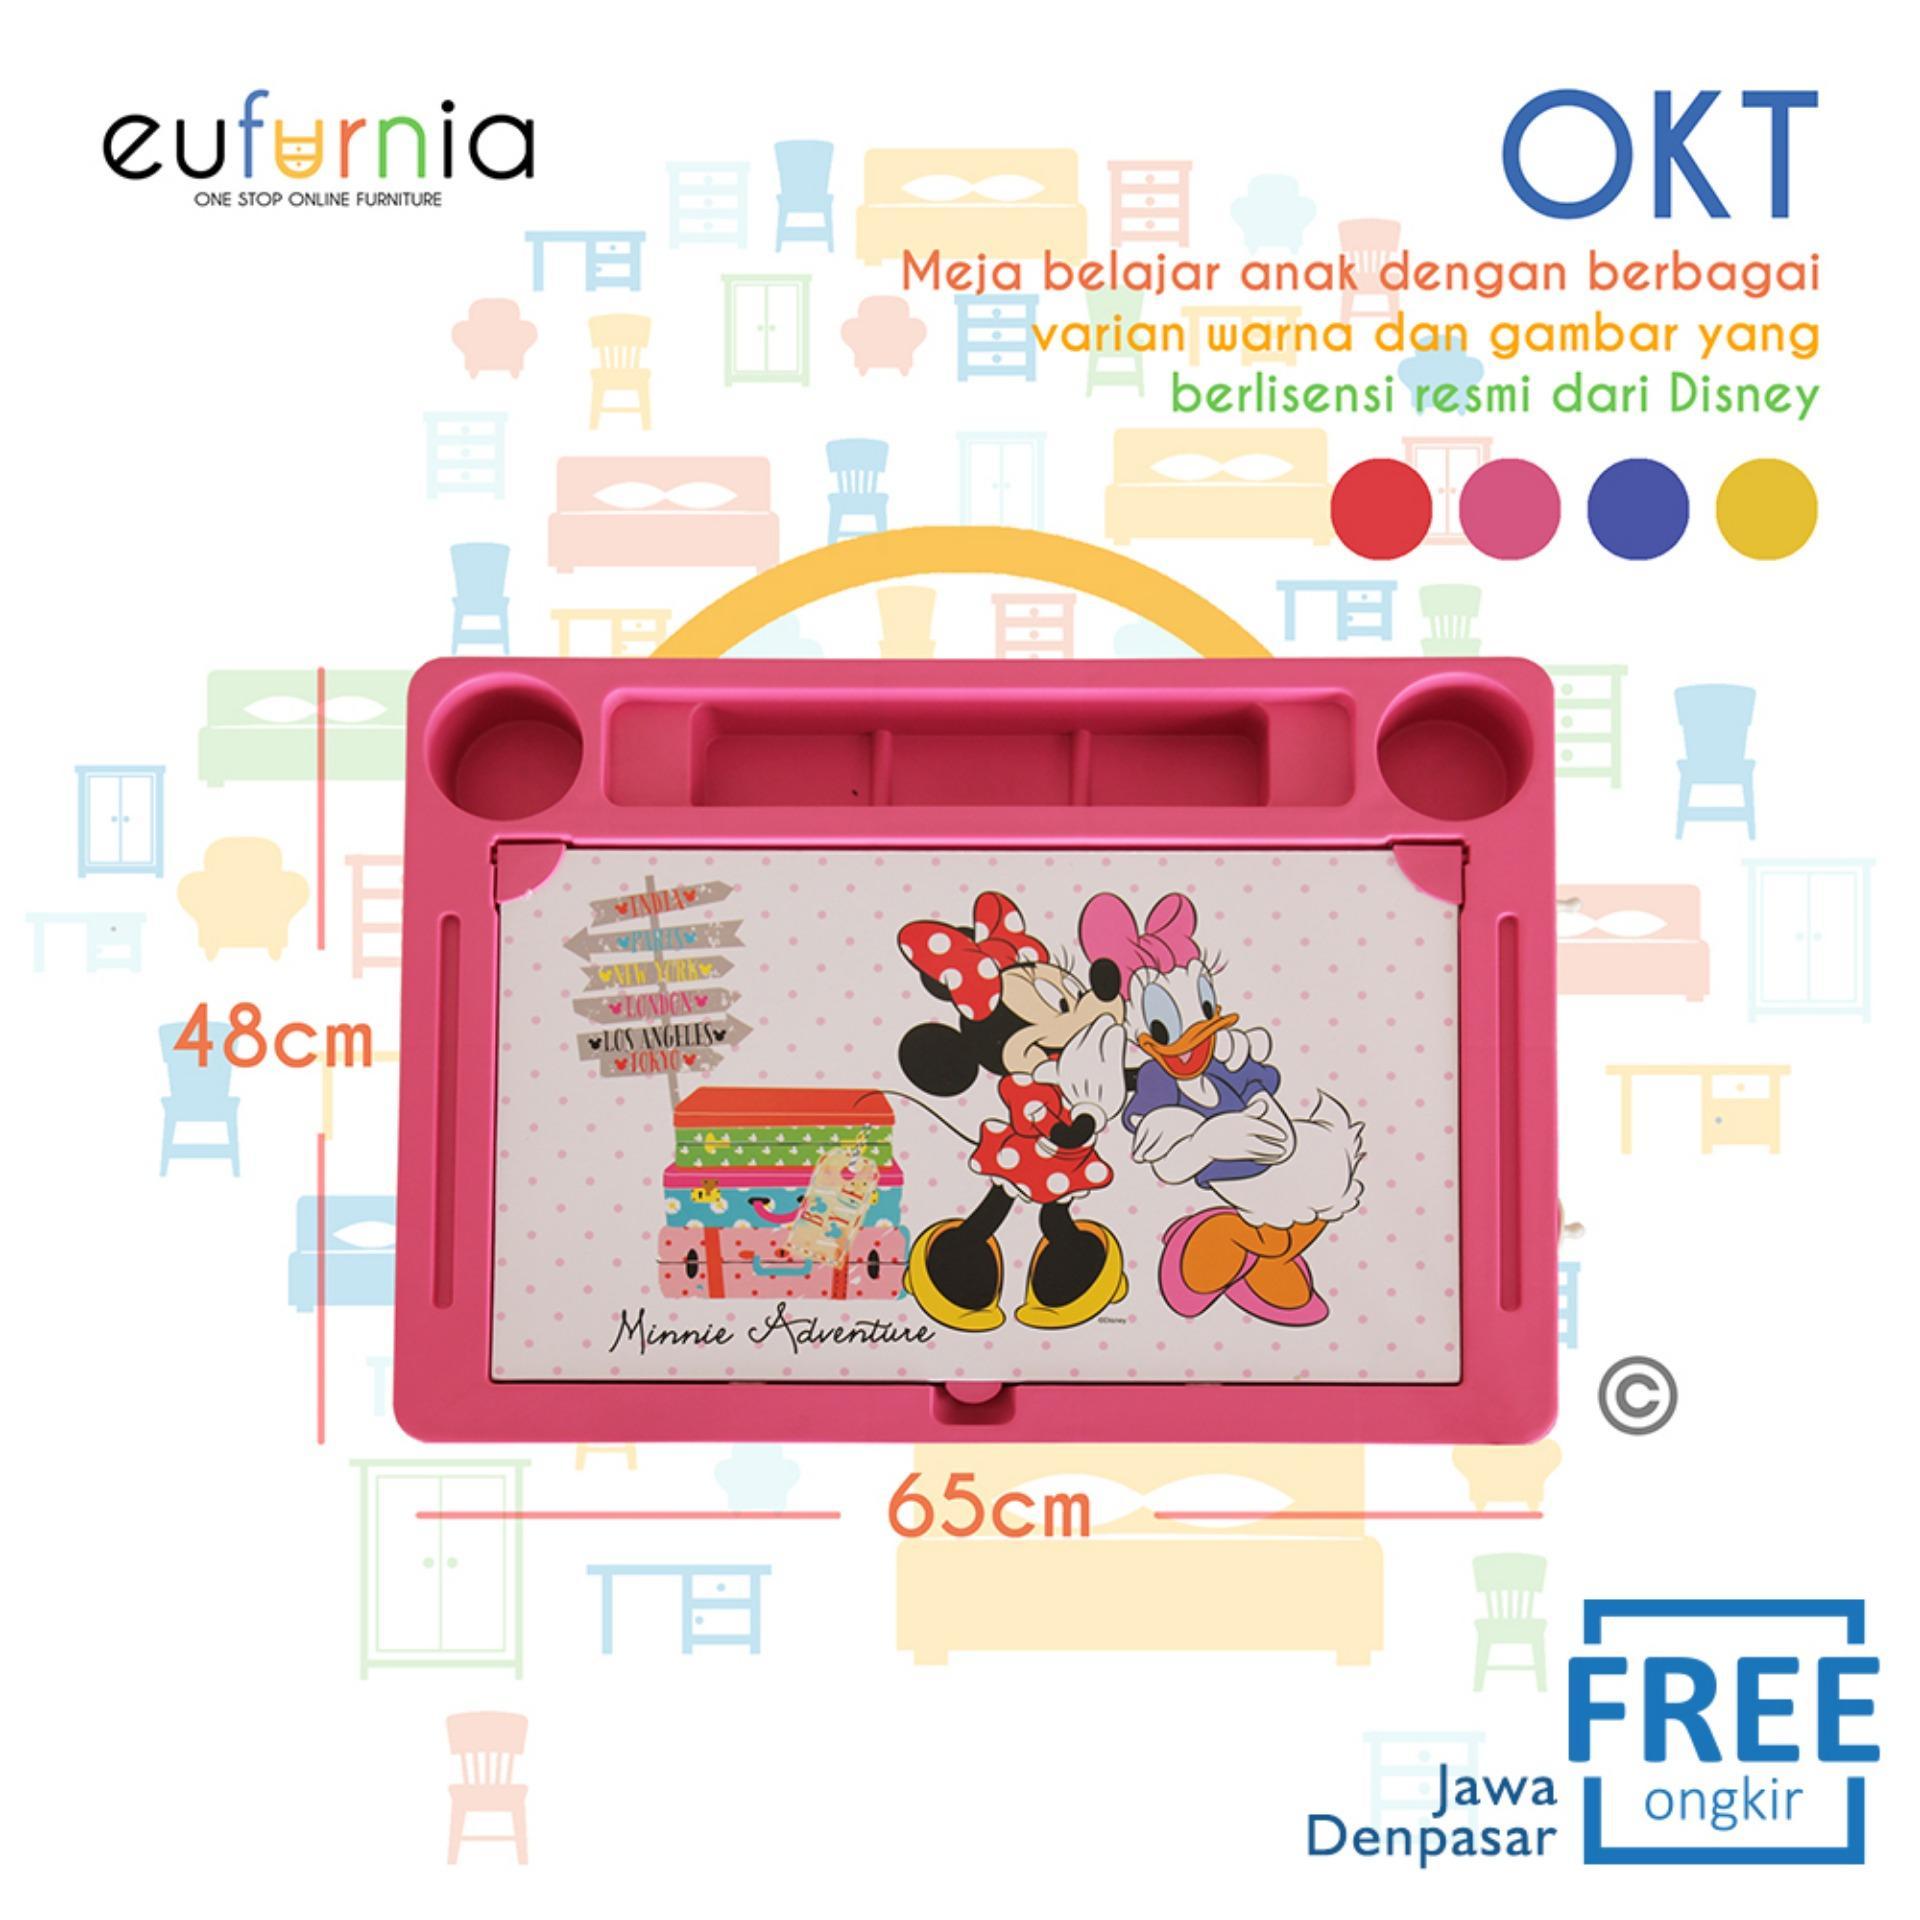 Meja Anak Karakter Eufurnia Olymplast Kids Table  OKT / Pink / 100% FREE ONGKIR JAWA DENPASAR